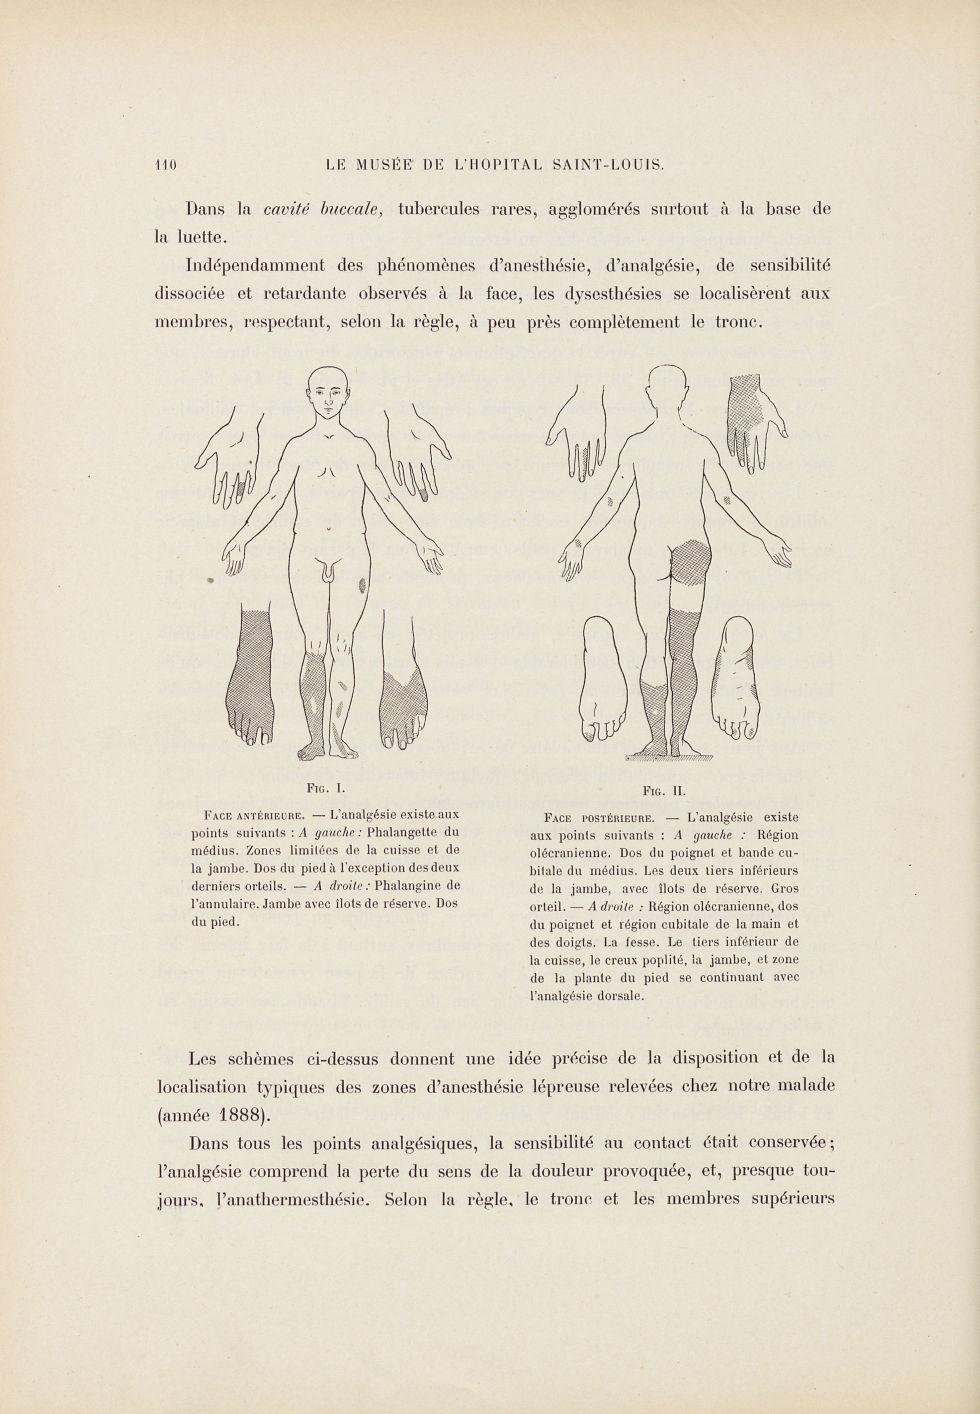 Fig. 1 et 2. Disposition et localisation typiques des zones d'anesthésie lépreuse relevées chez notr [...] - Dermatologie (peau). Lèpre. Sensations. Douleur. 19e siècle (France) - med01740x0132